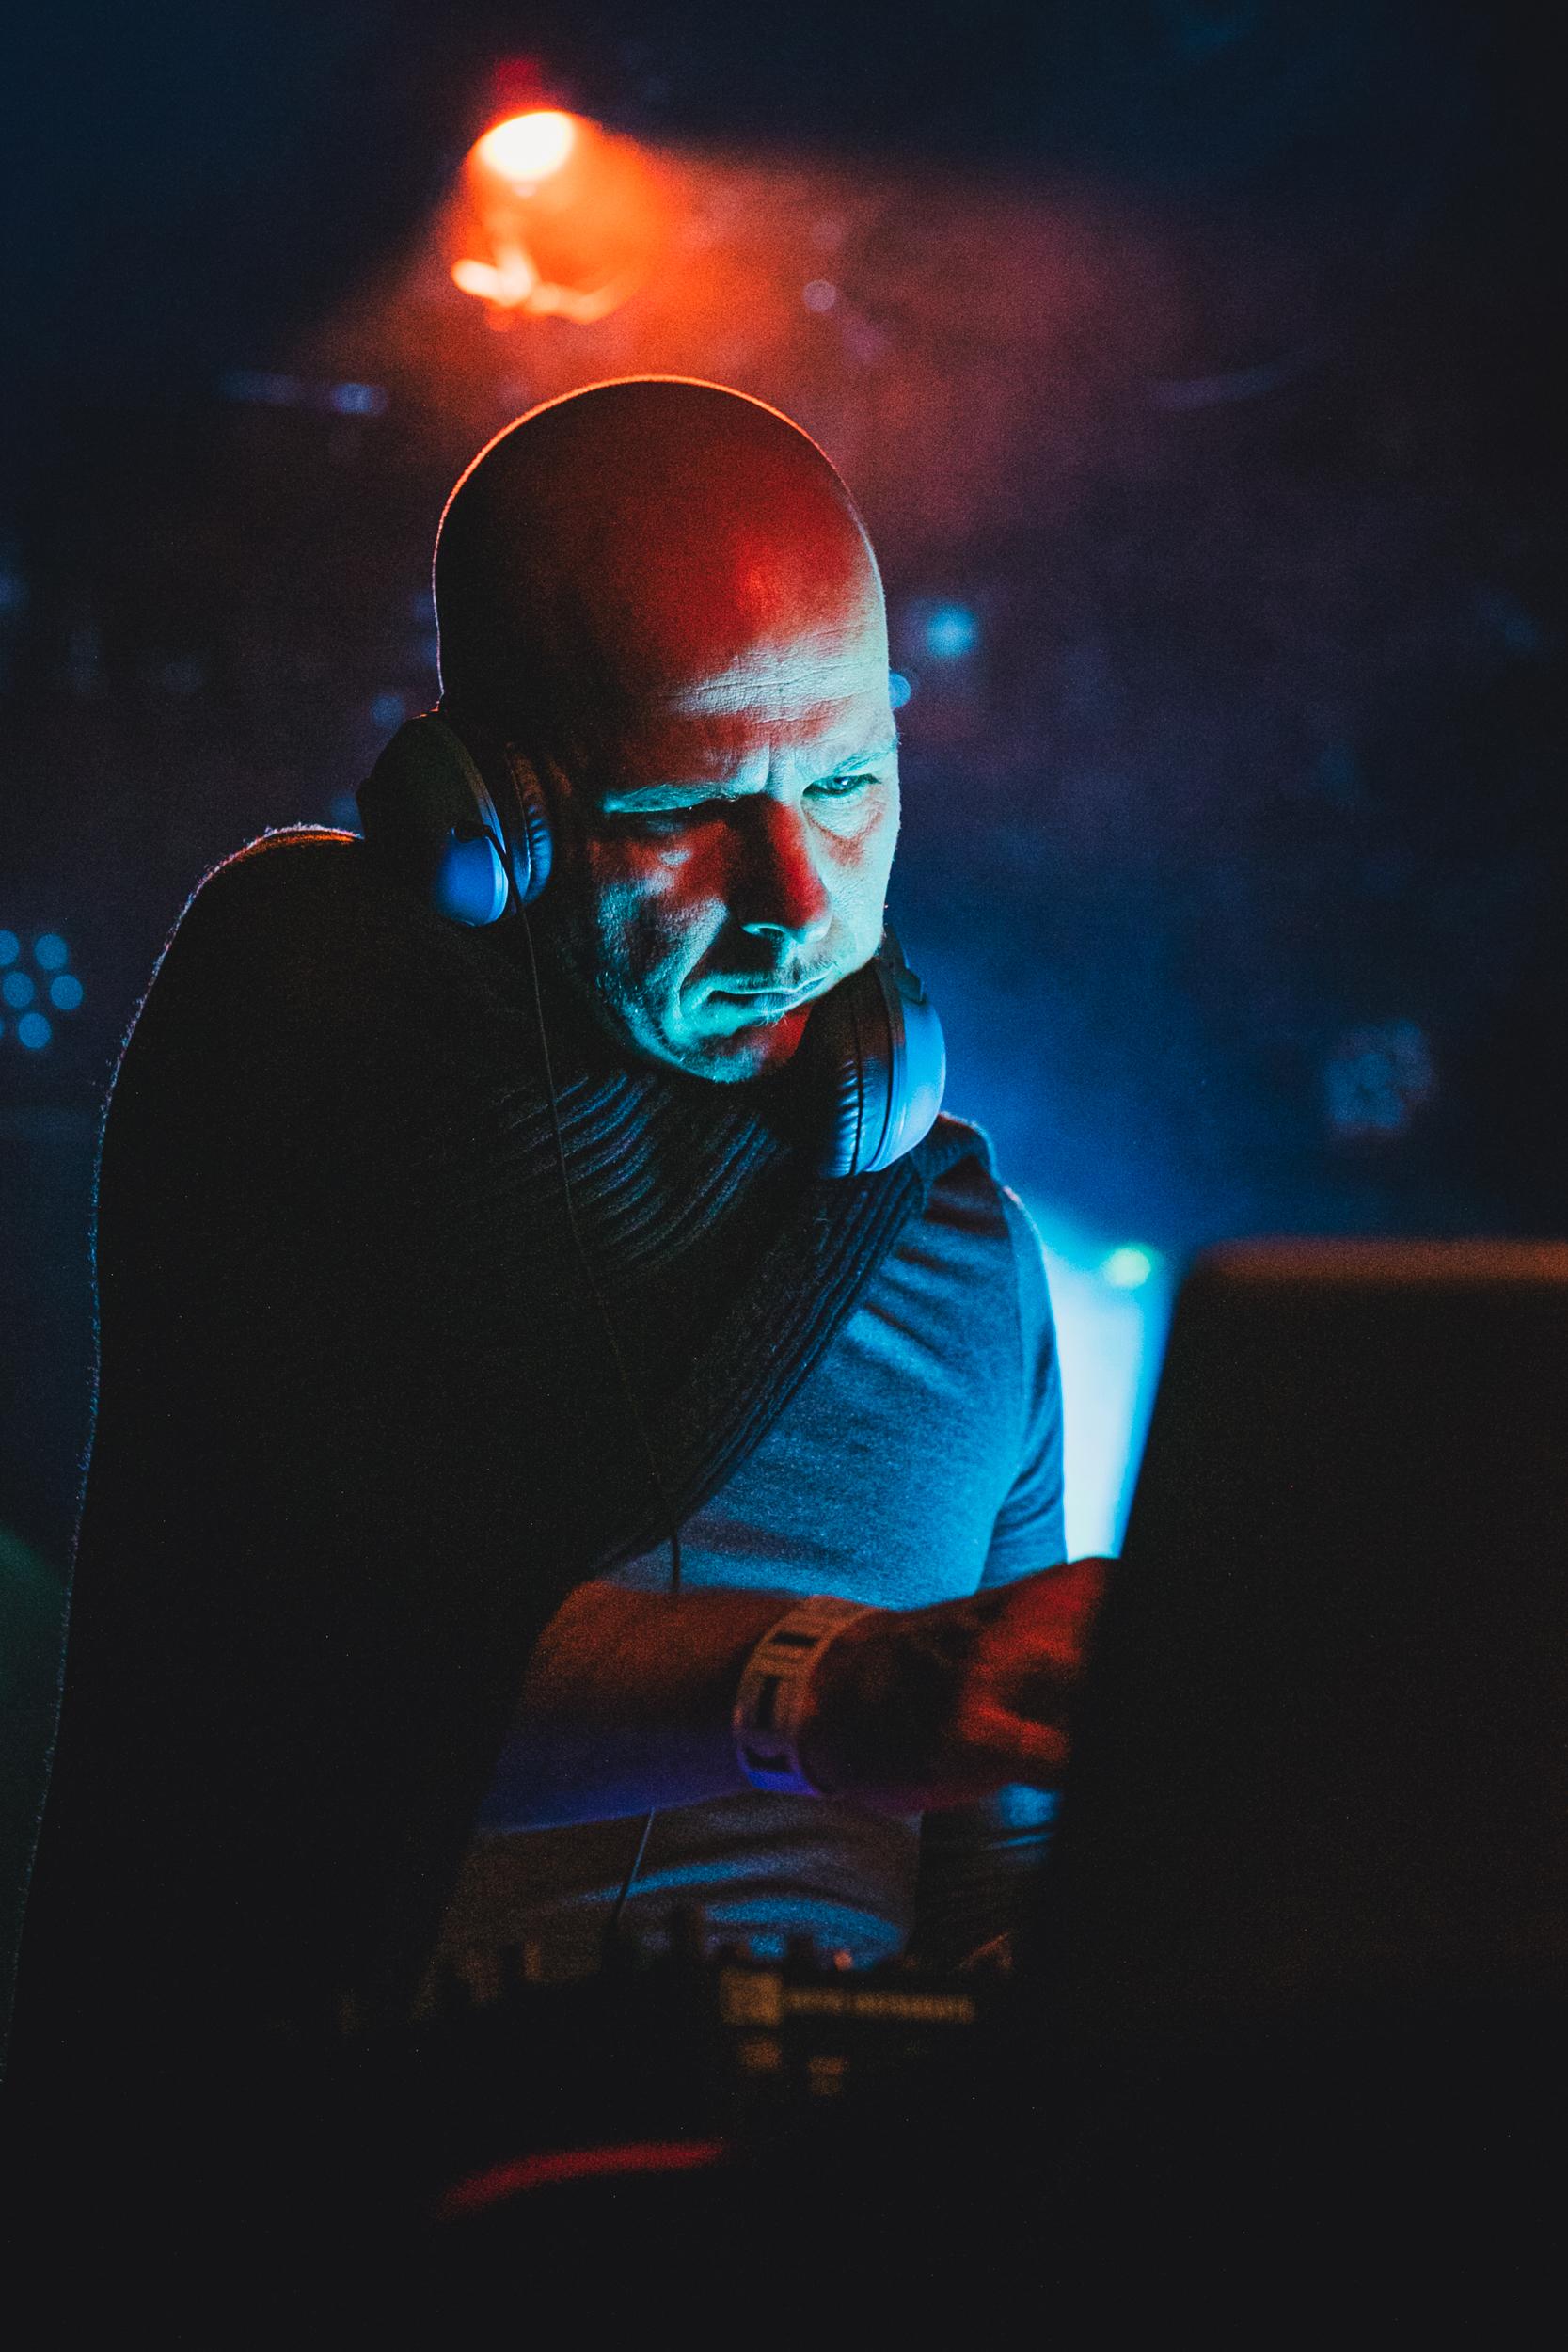 DJ Bootsie